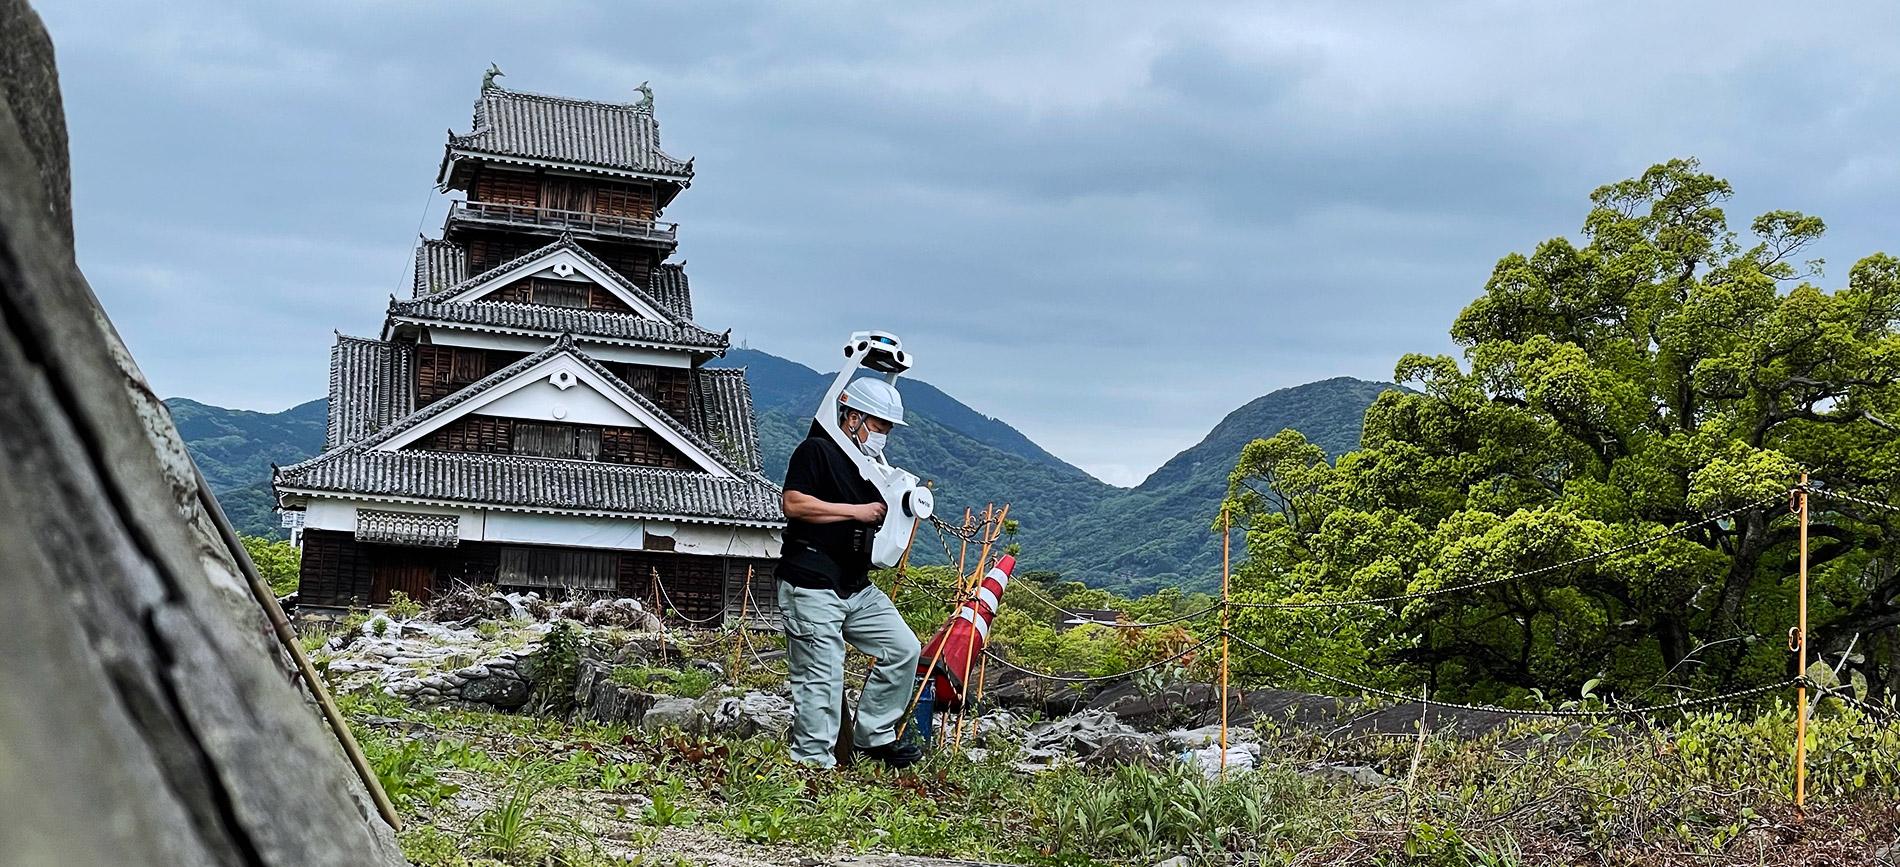 NavVis-KKE-scan-kumamoto-castle-blog-4